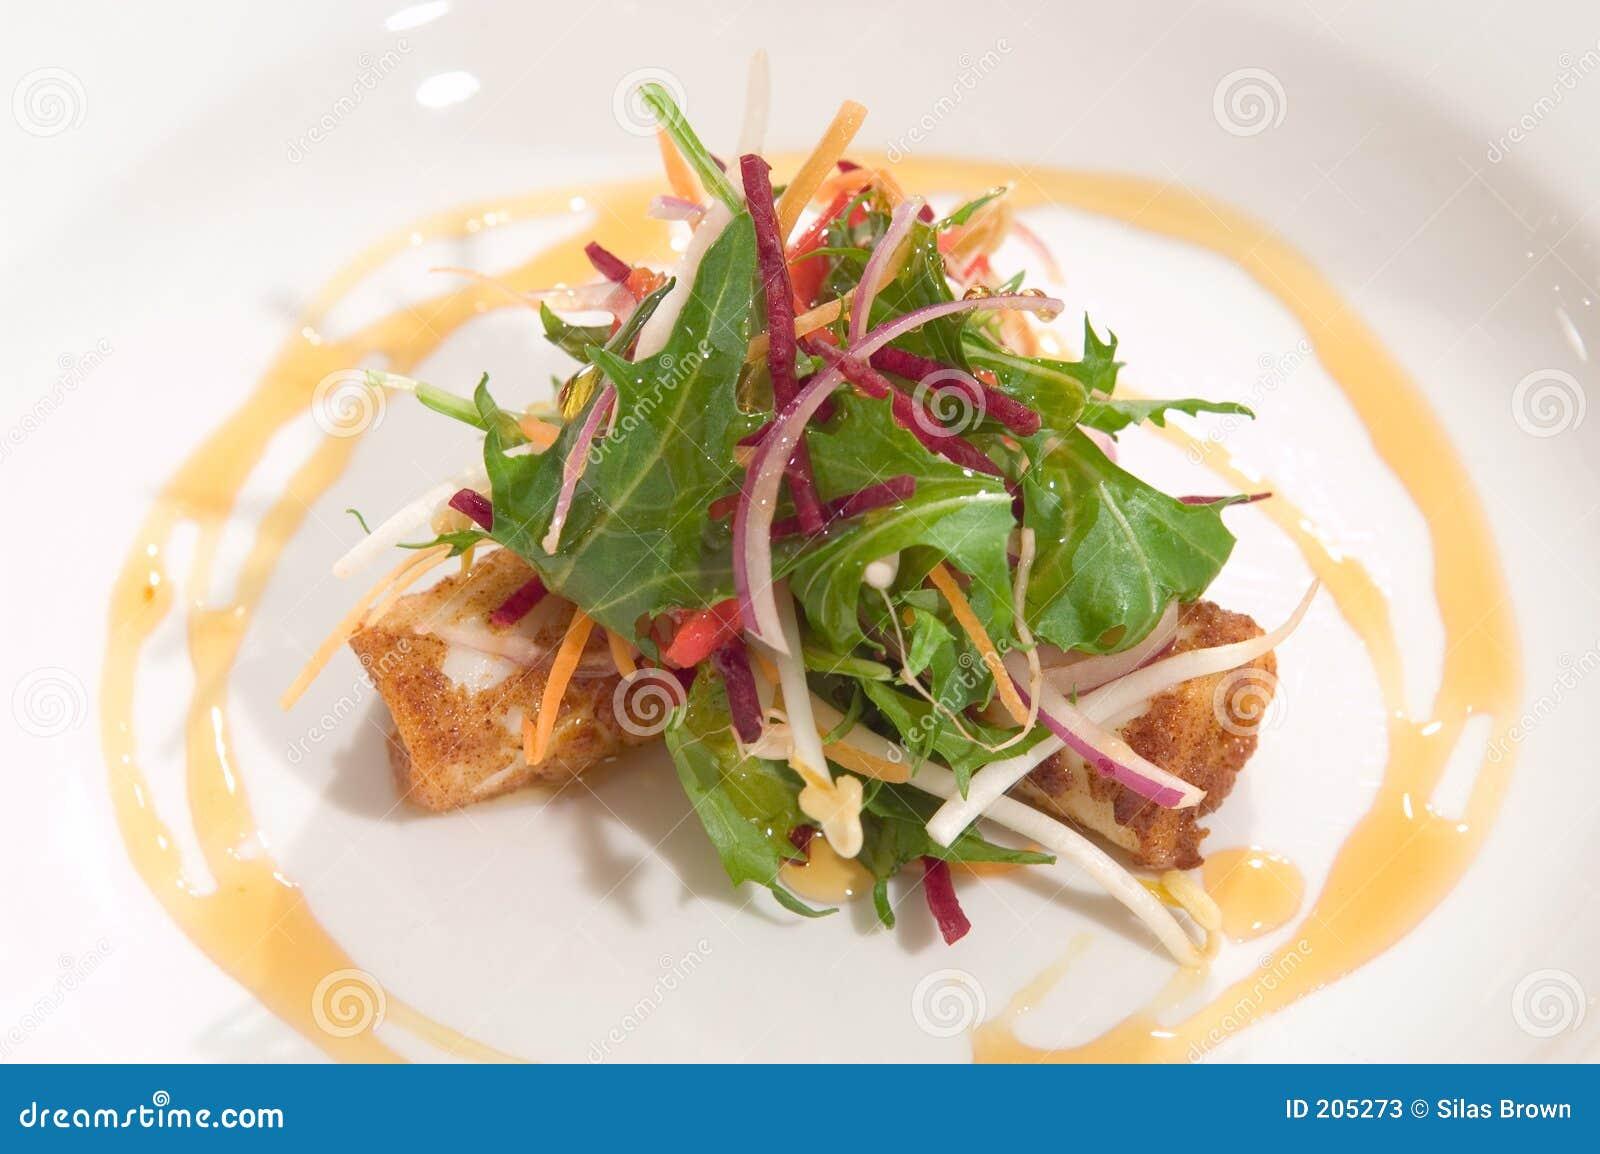 Calamari Salad Stock Photos - Image: 205273